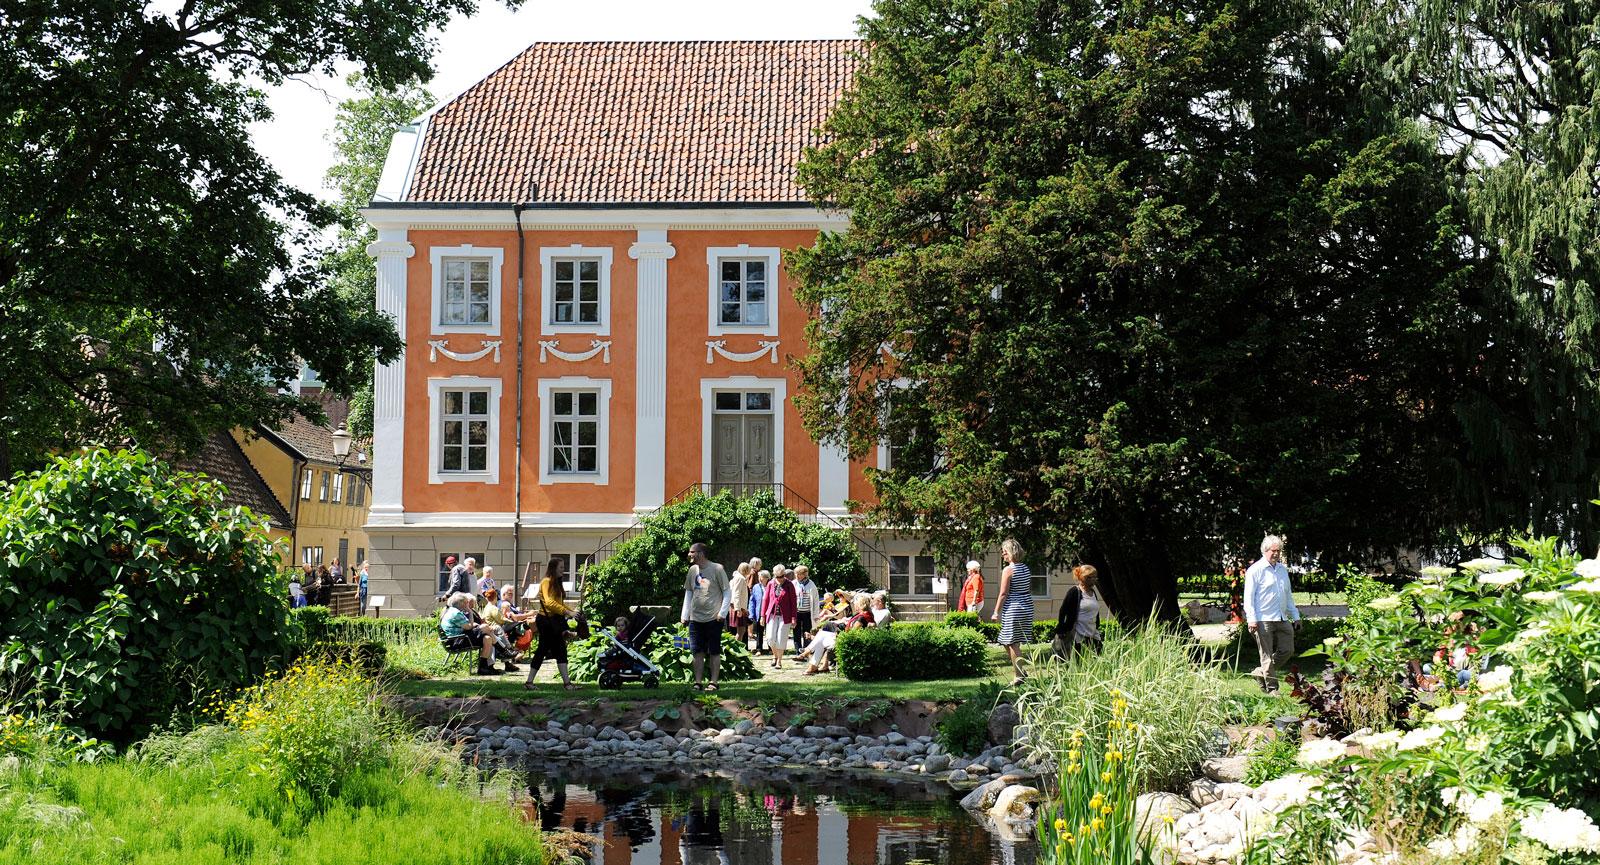 Thomanders hus på Kulturen i Lund. Ett paradis för både barn och vuxna.